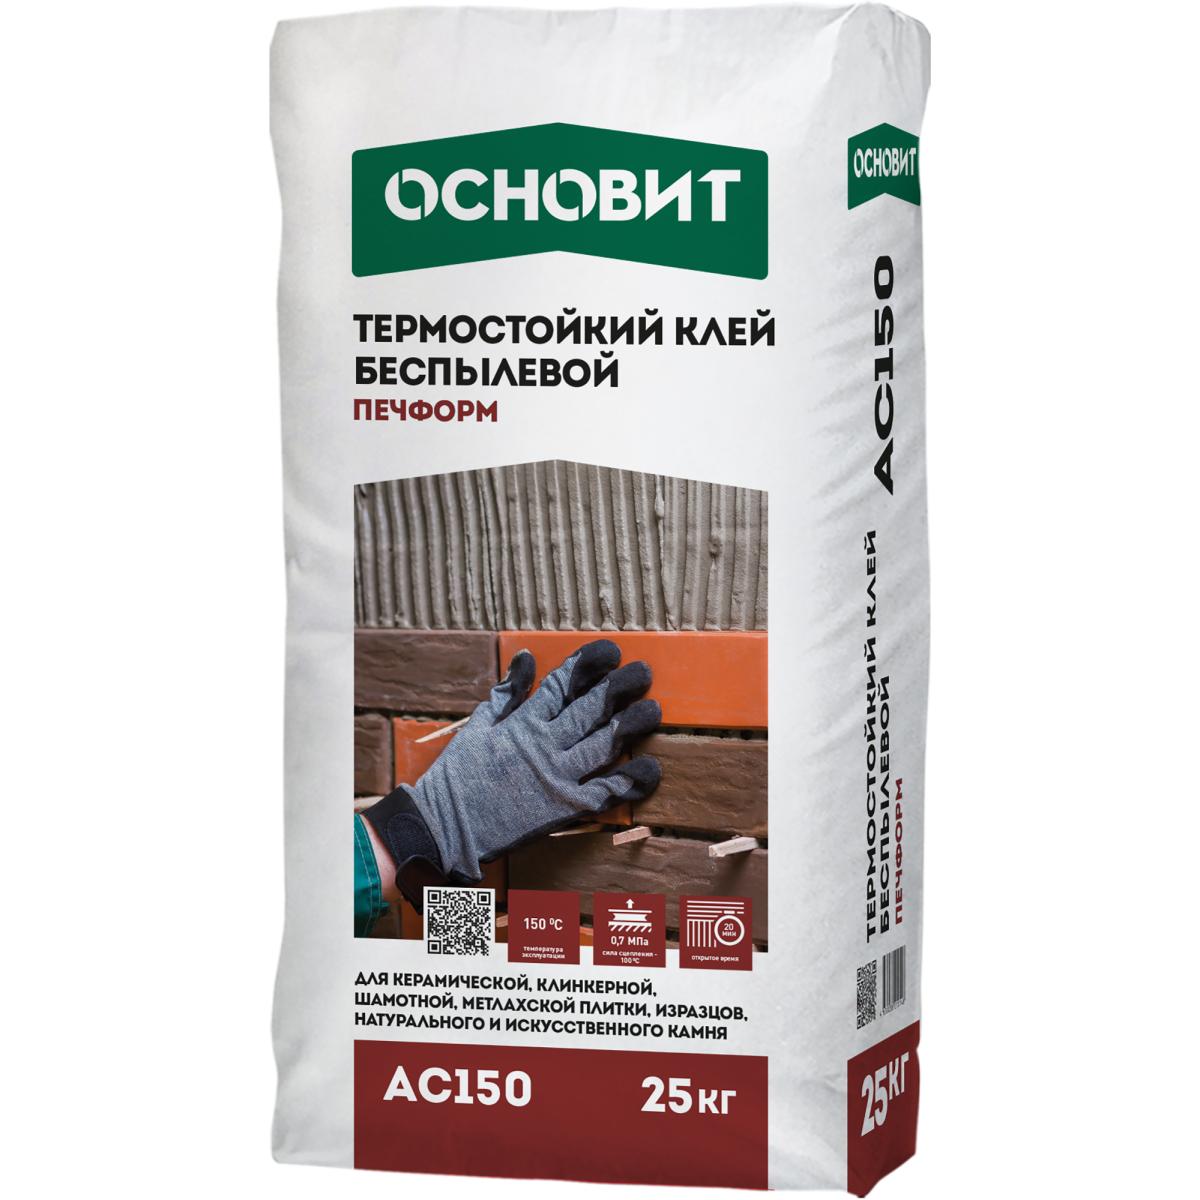 Термостойкий клей Основит печформ AC150LØ 25 кг